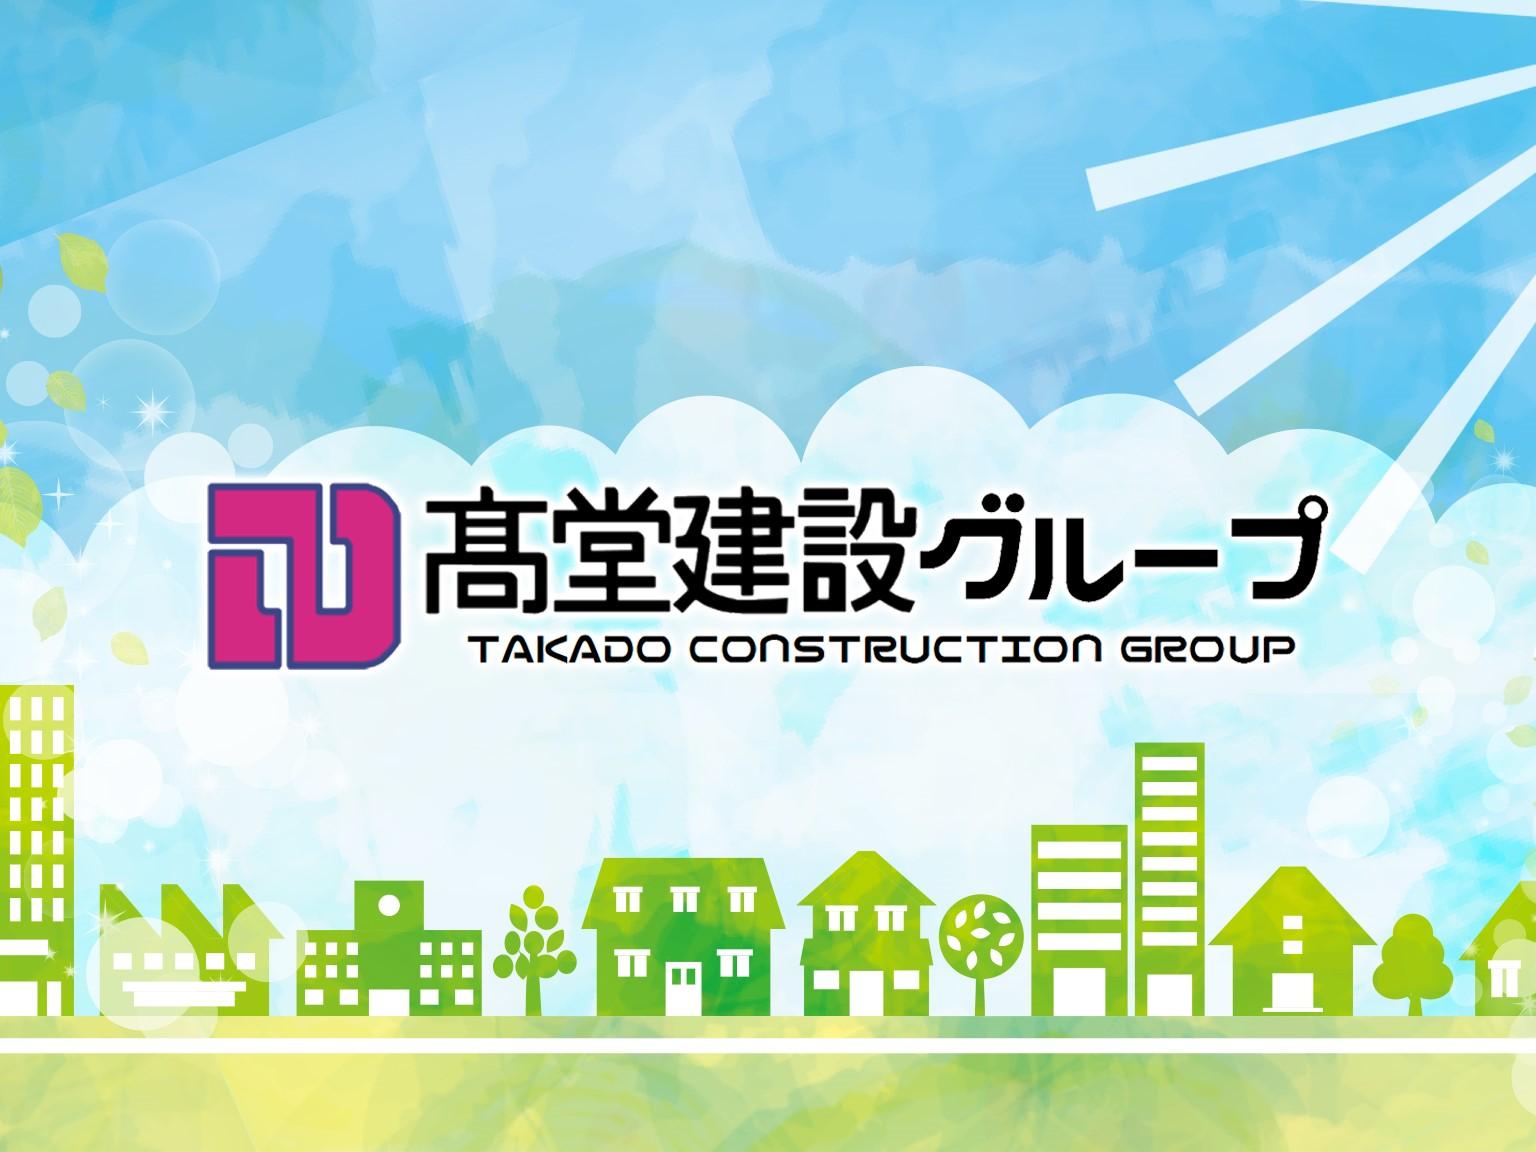 北海道建設新聞社様連載「はばたけわこうど2017」に辻係員が取り上げられました